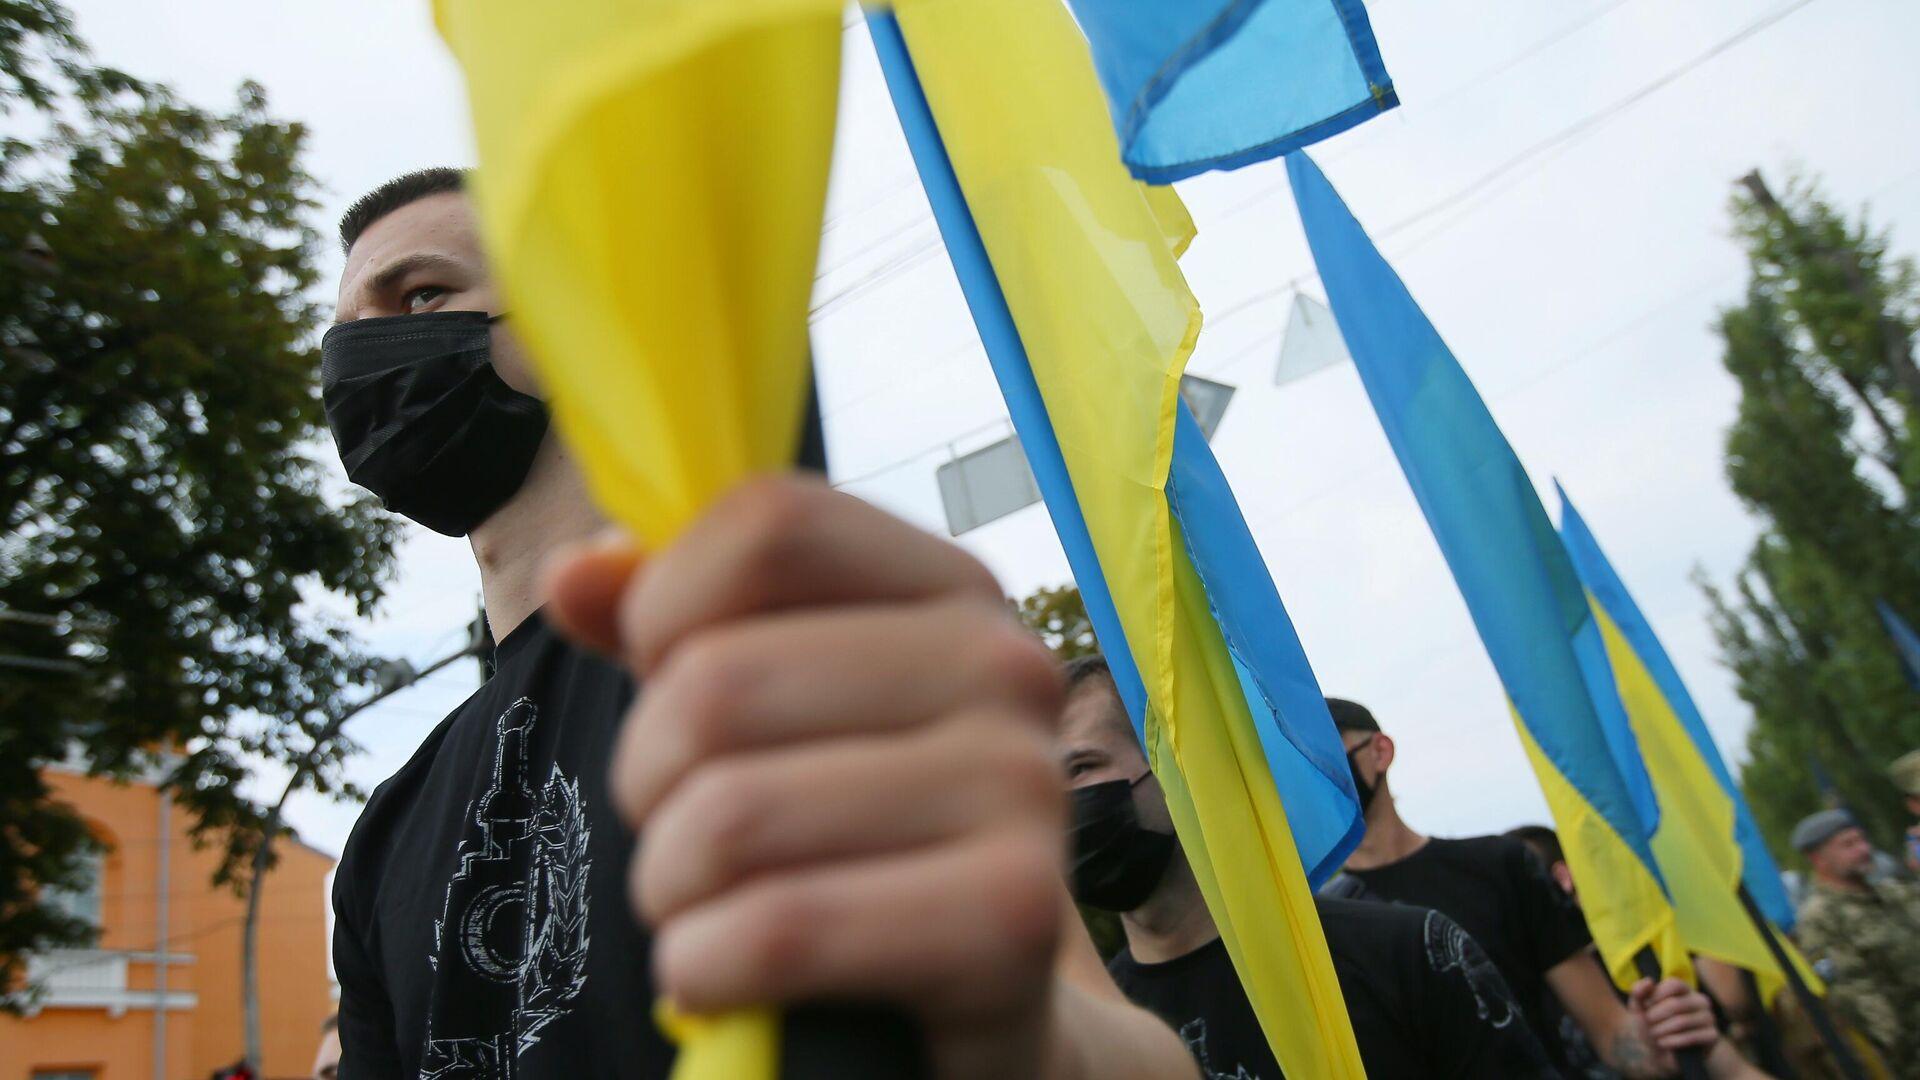 Участники Марша защитников Украины во время акции в рамках празднования Дня независимости страны в Киеве - РИА Новости, 1920, 07.09.2020